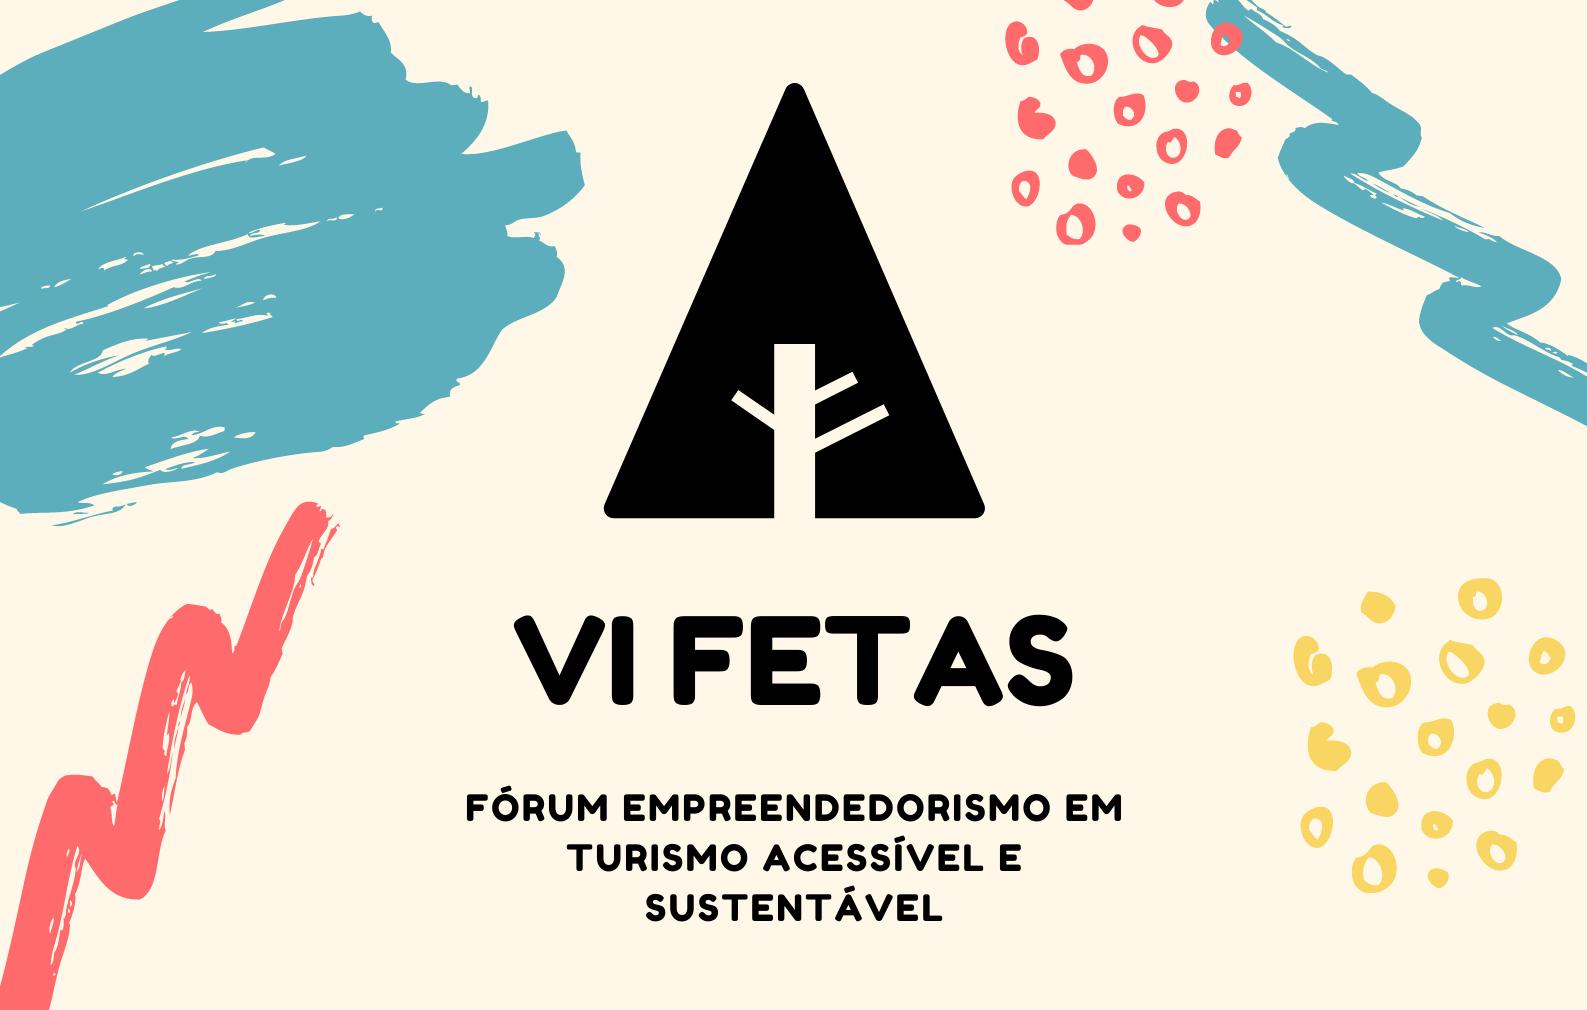 Fórum Empreendedorismo em Turismo Acessível e Sustentável